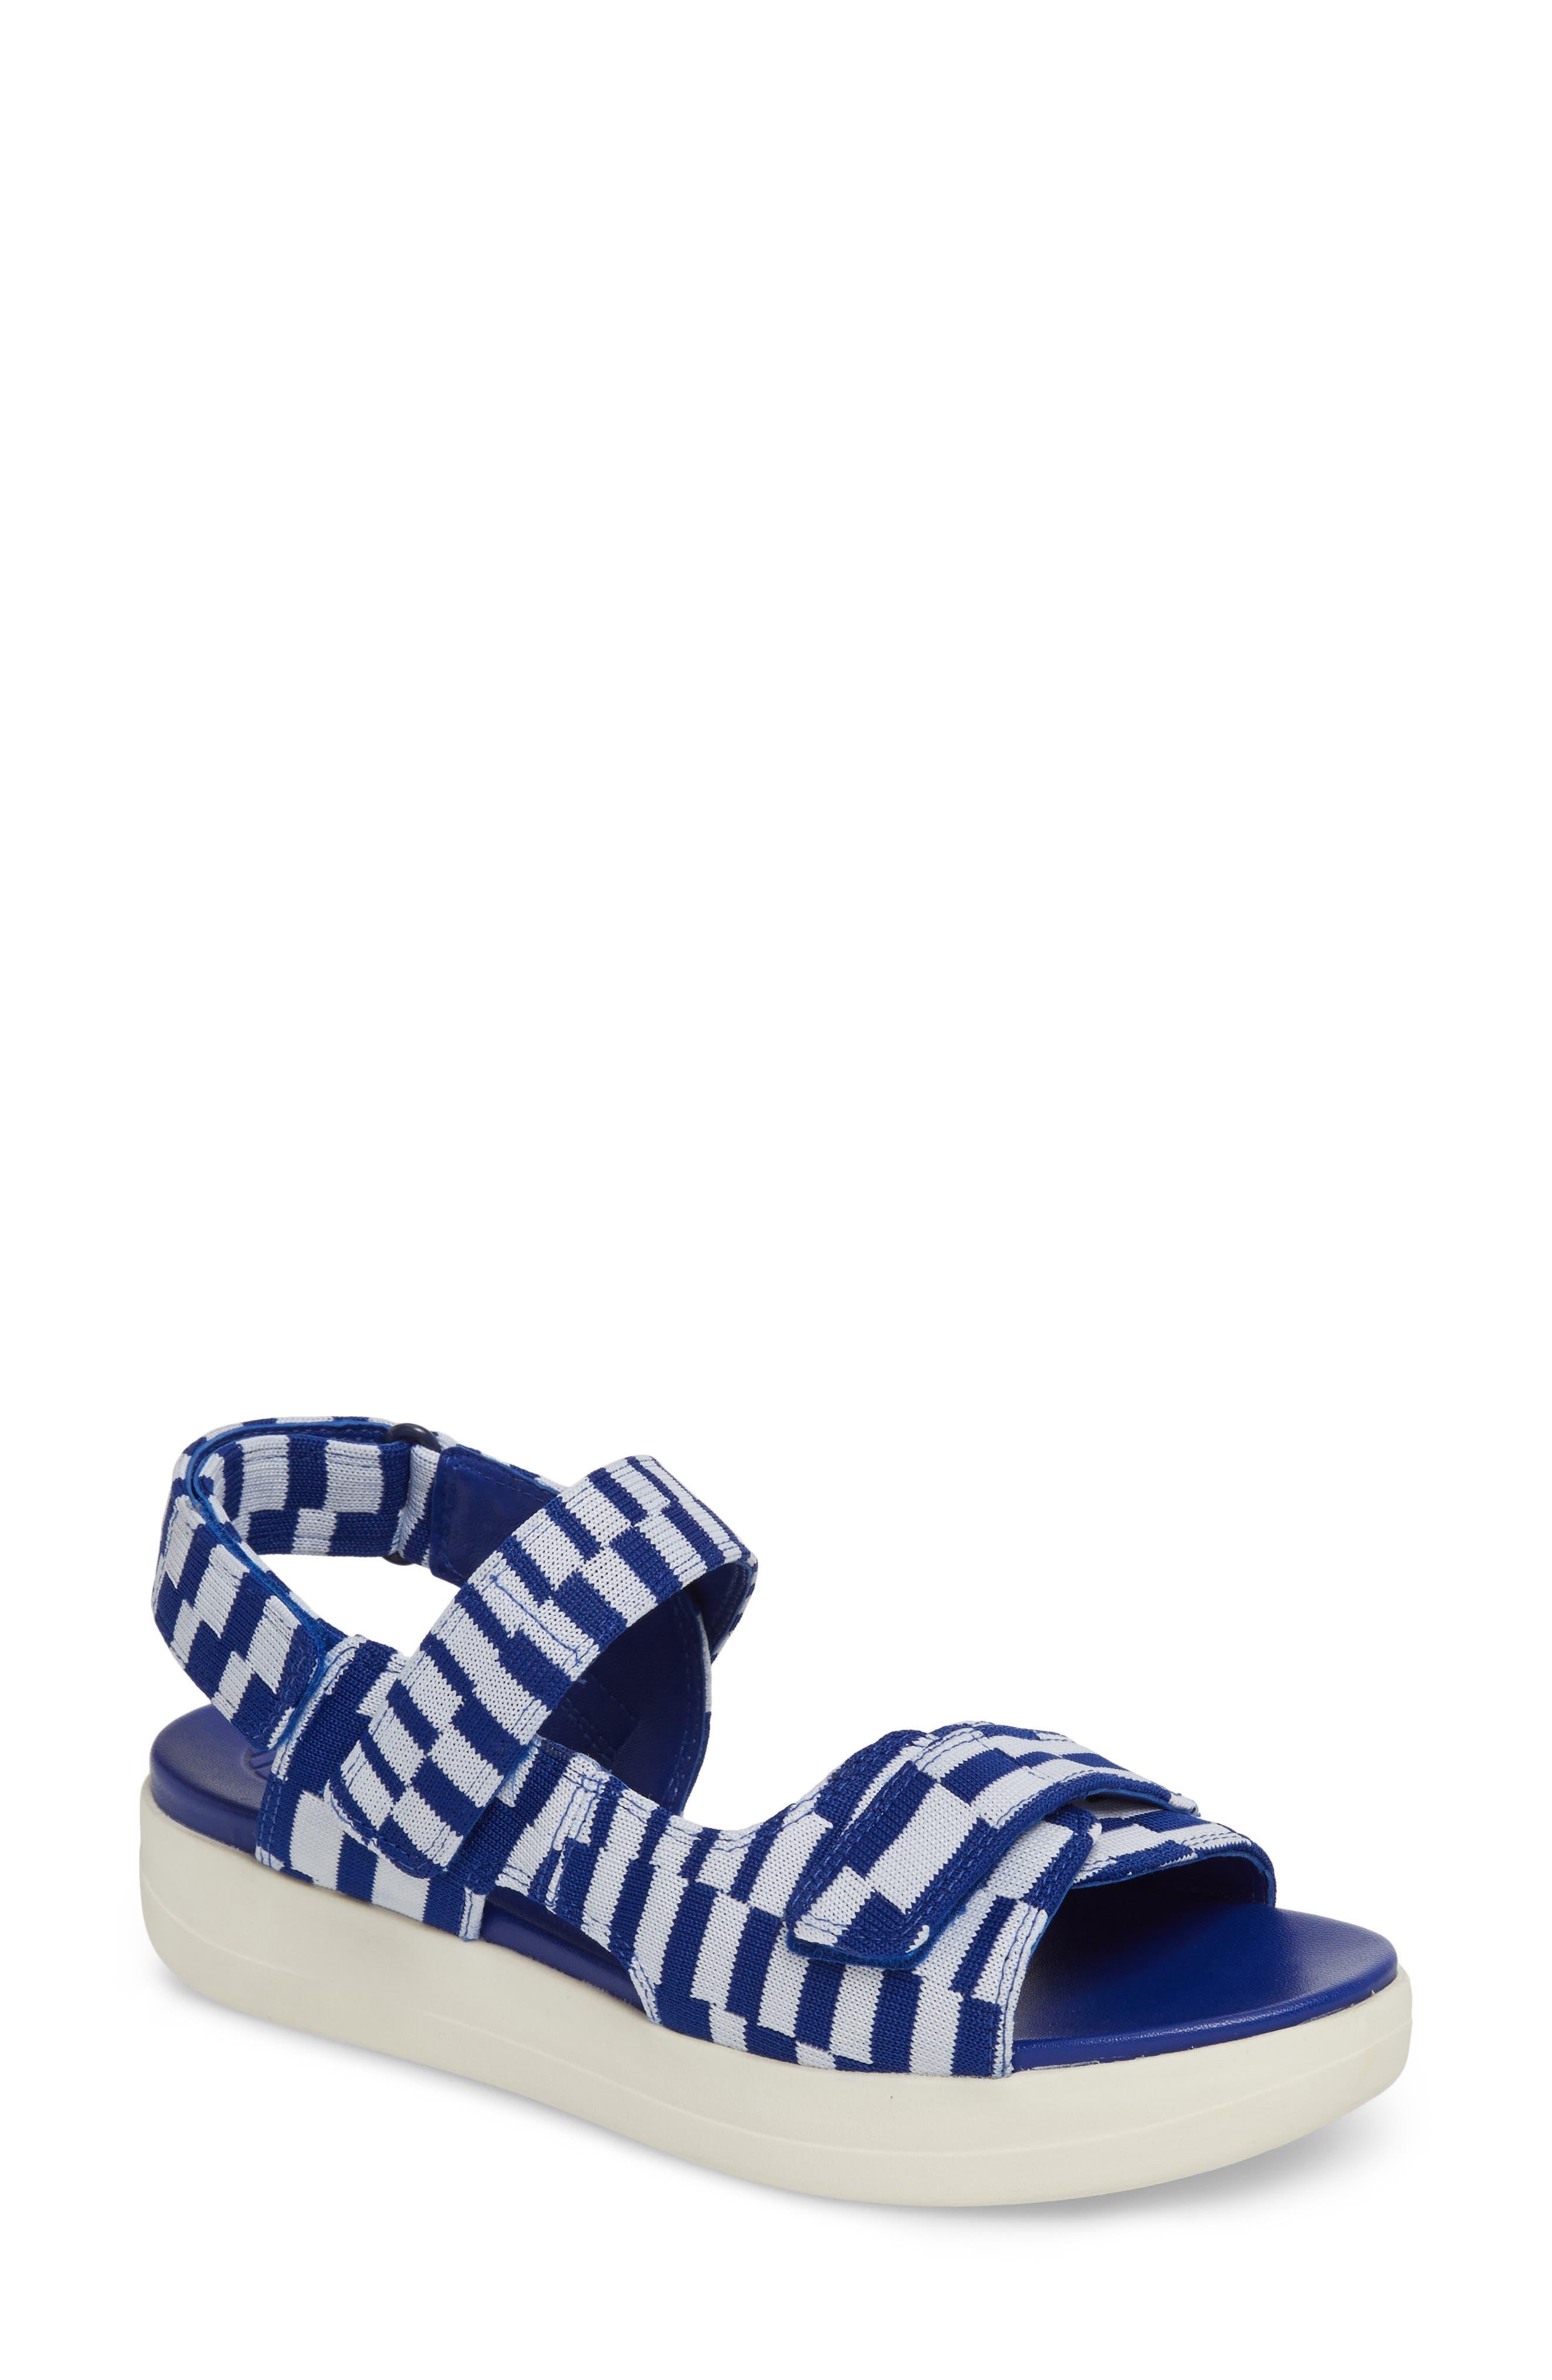 Flatform Sandal,                         Main,                         color,